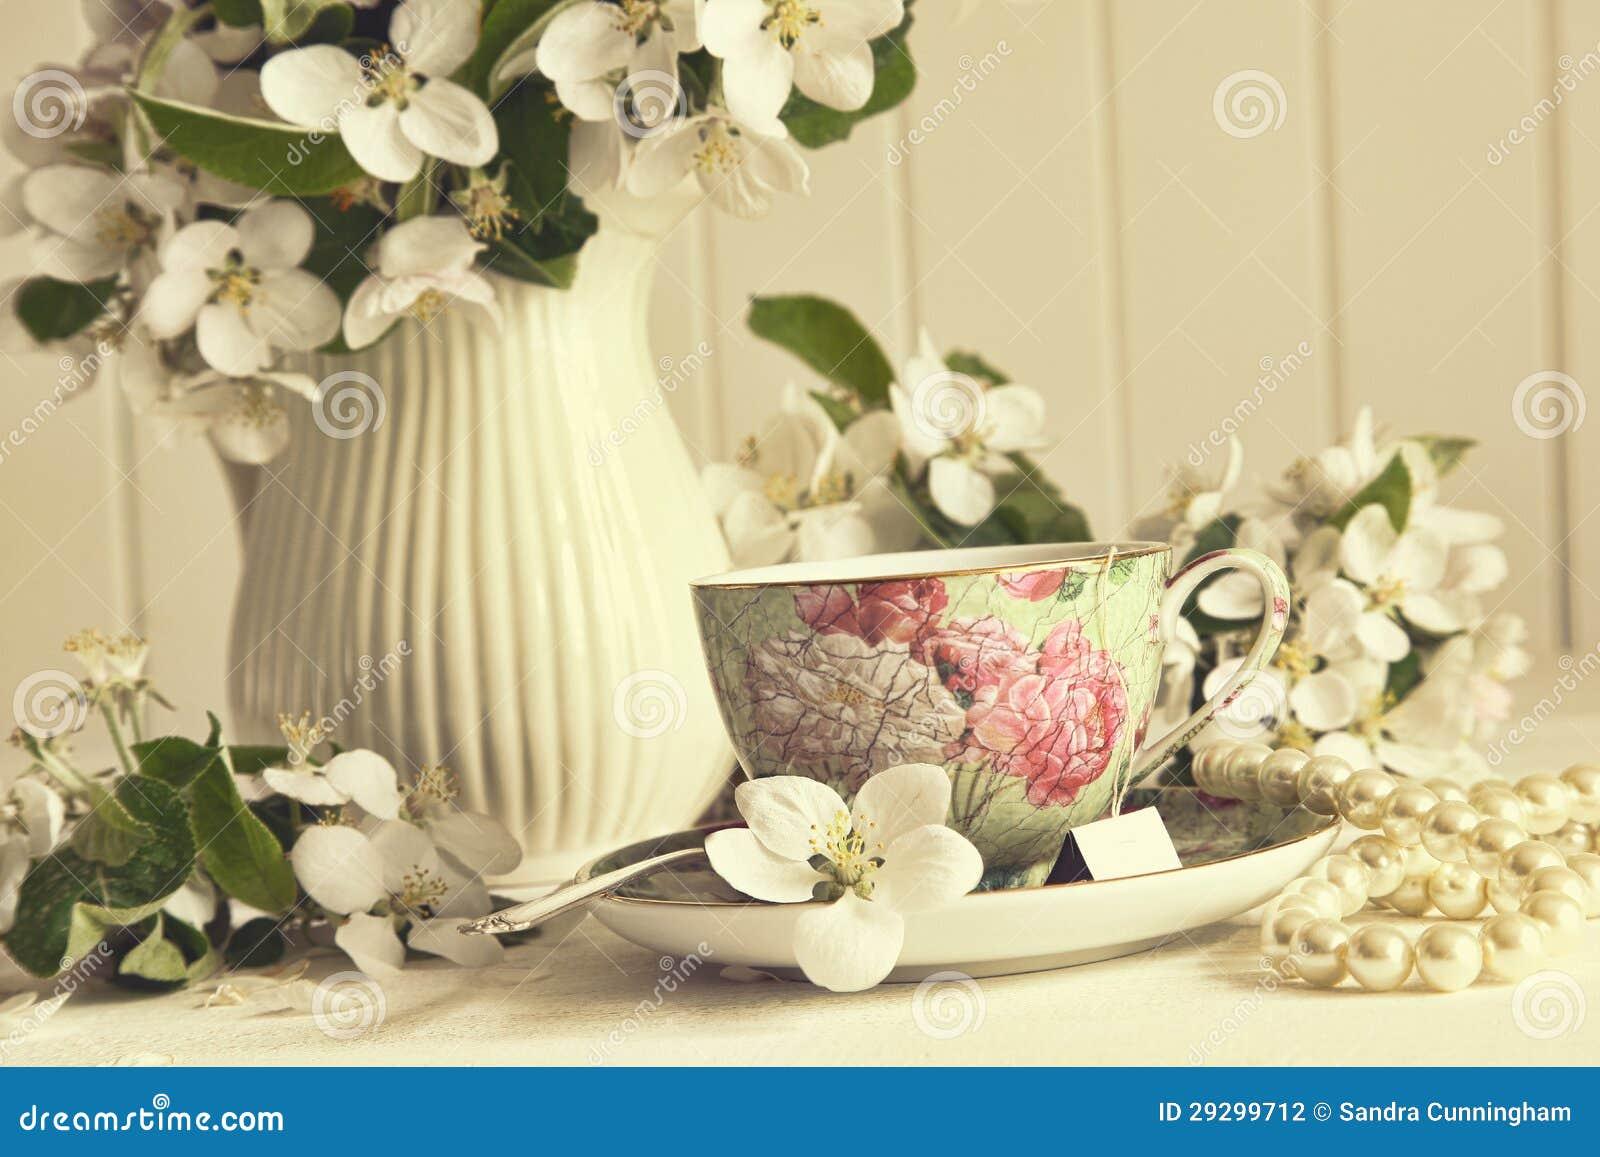 Herbaciana filiżanka z jabłkiem kwitnie na stole